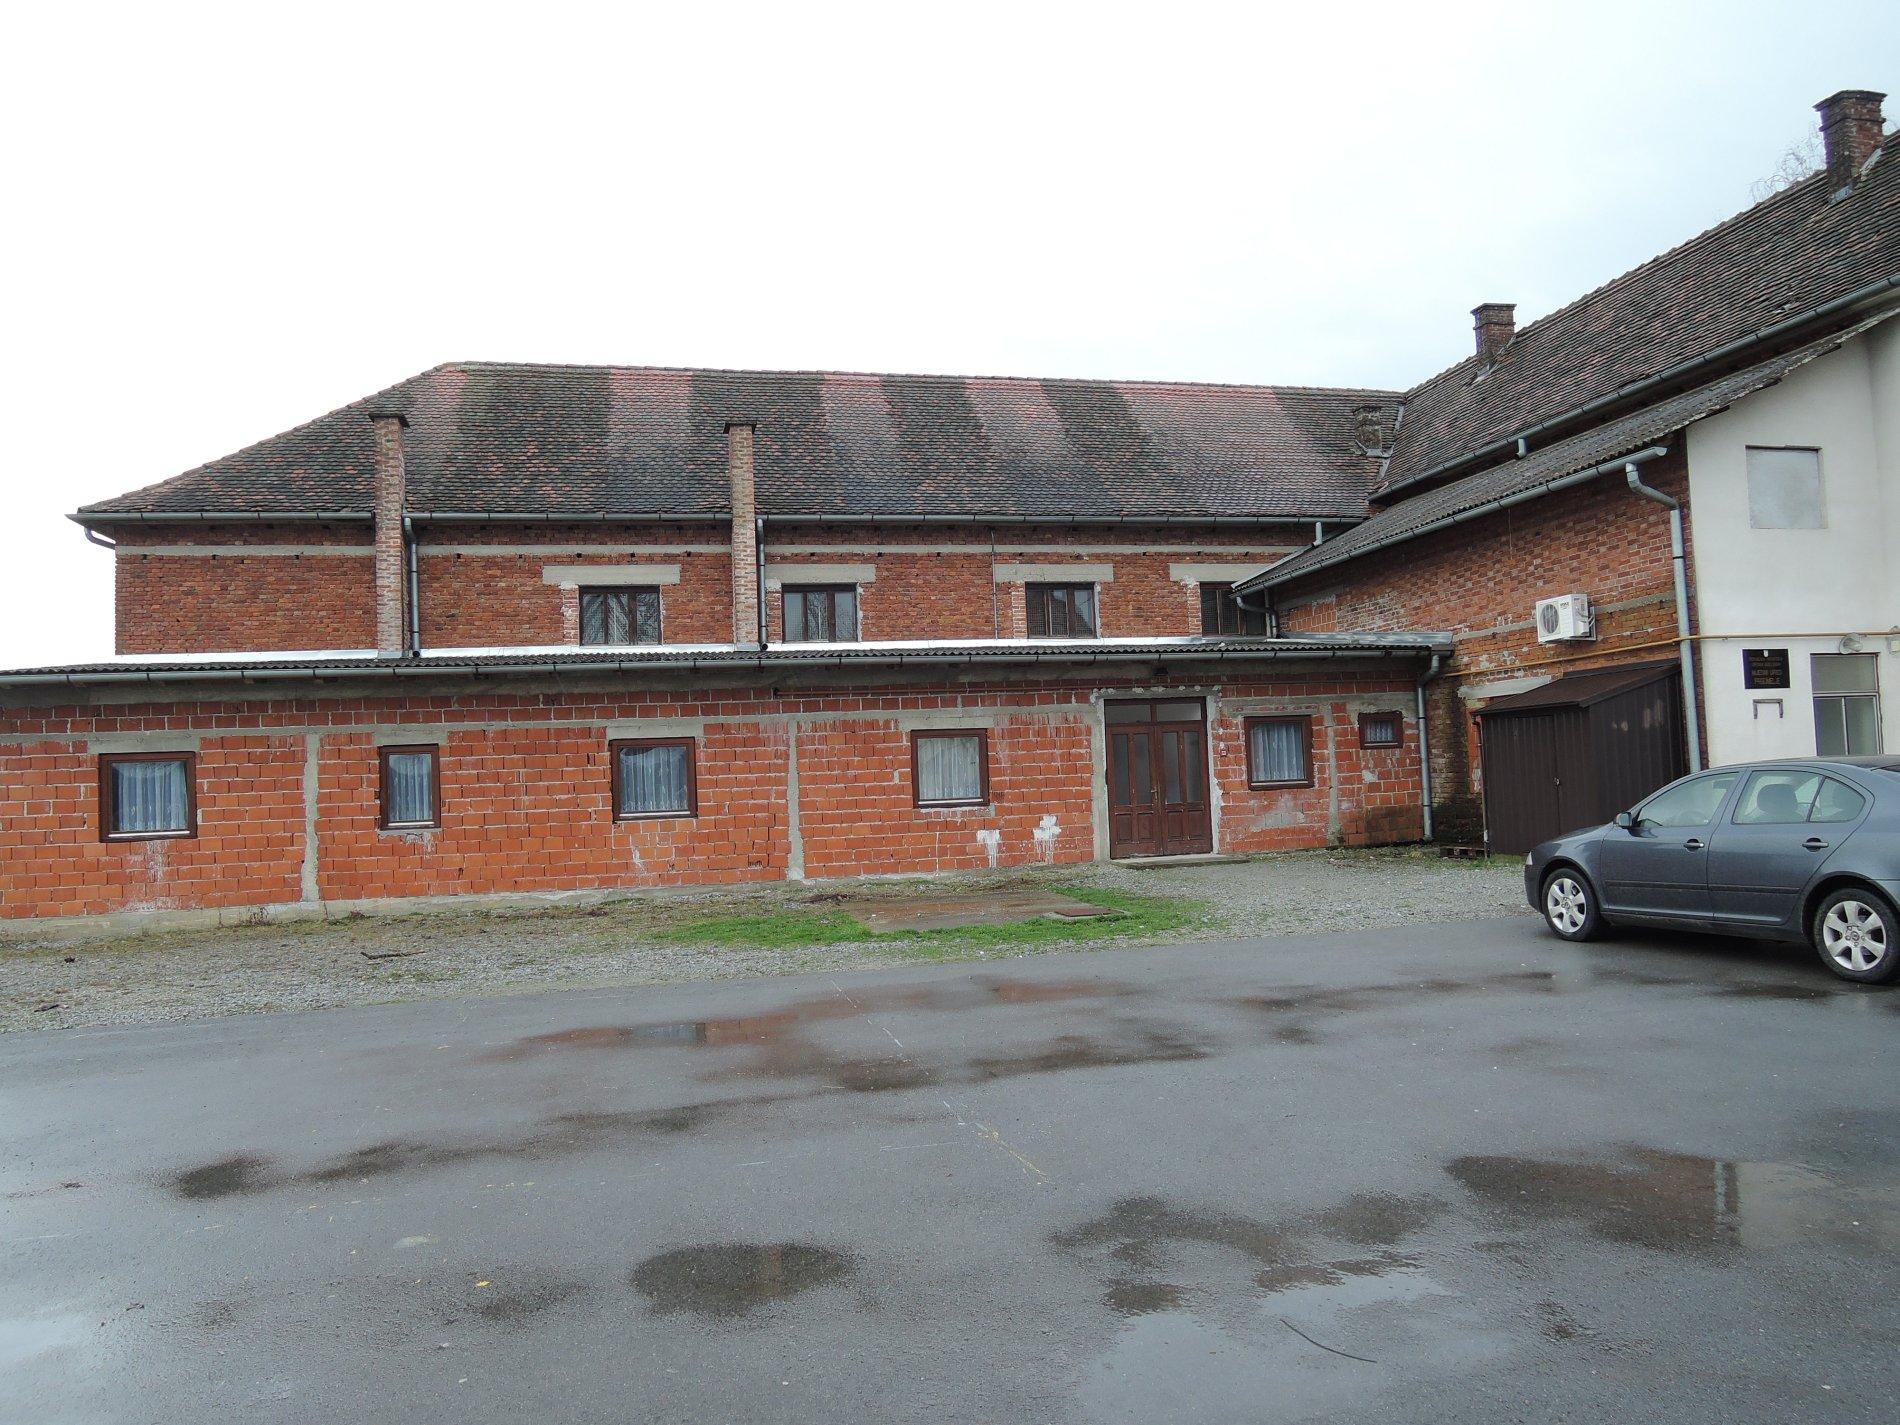 Poslovni prostori Grada Bjelovara - Mjesni dom Prgomelje, Prgomelje 219